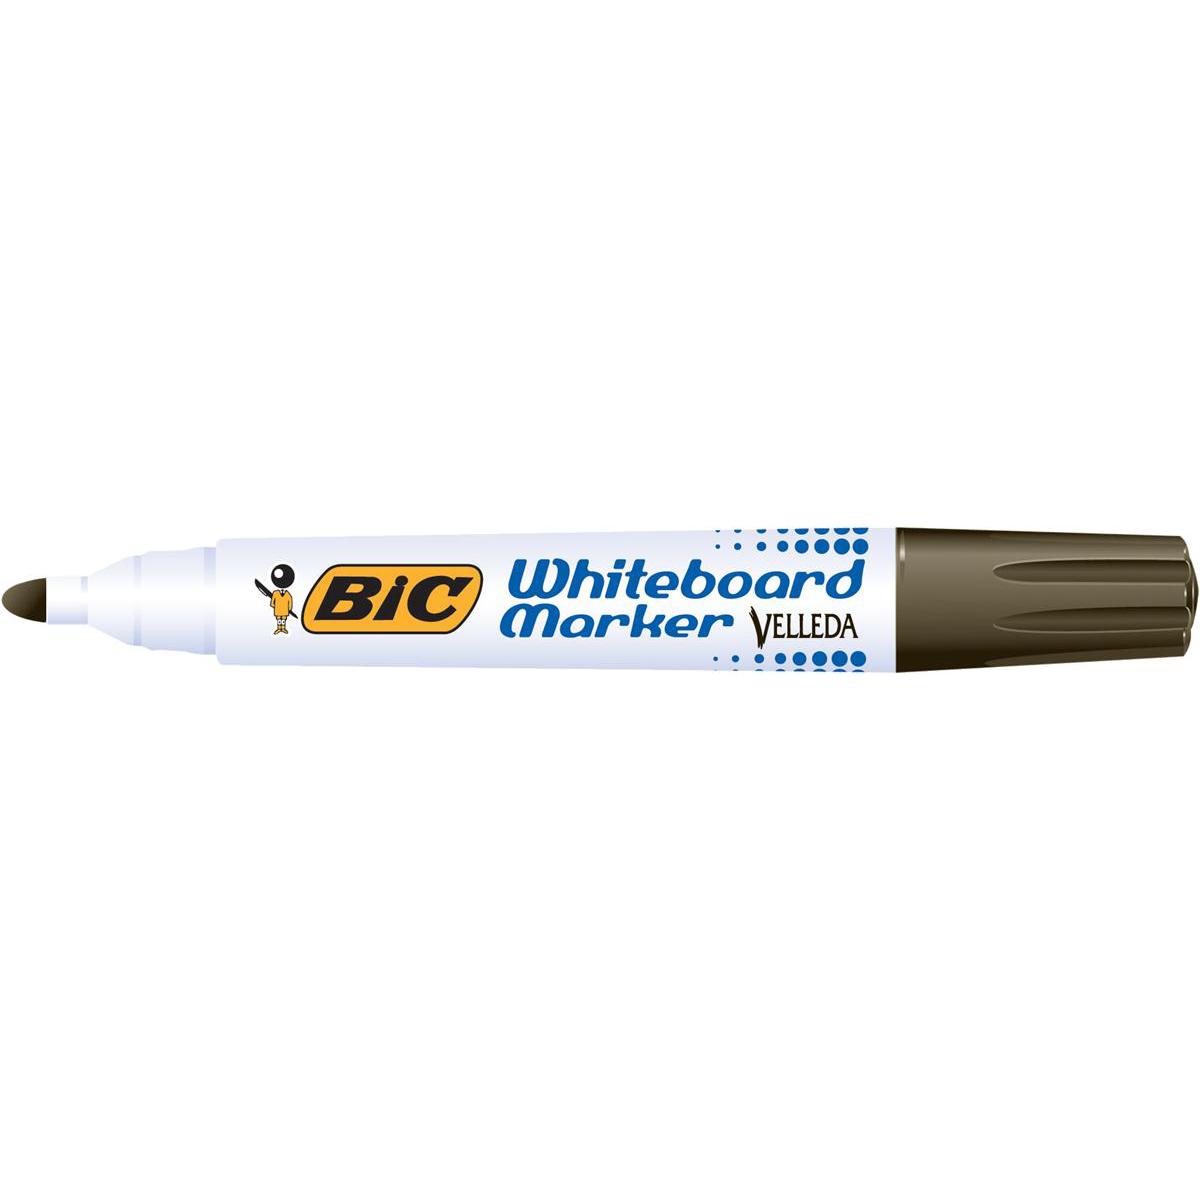 Bic Velleda 1701 Whiteboard Marker Bullet Tip Line Width 1.5mm Black Ref 942234 [Pack 12]